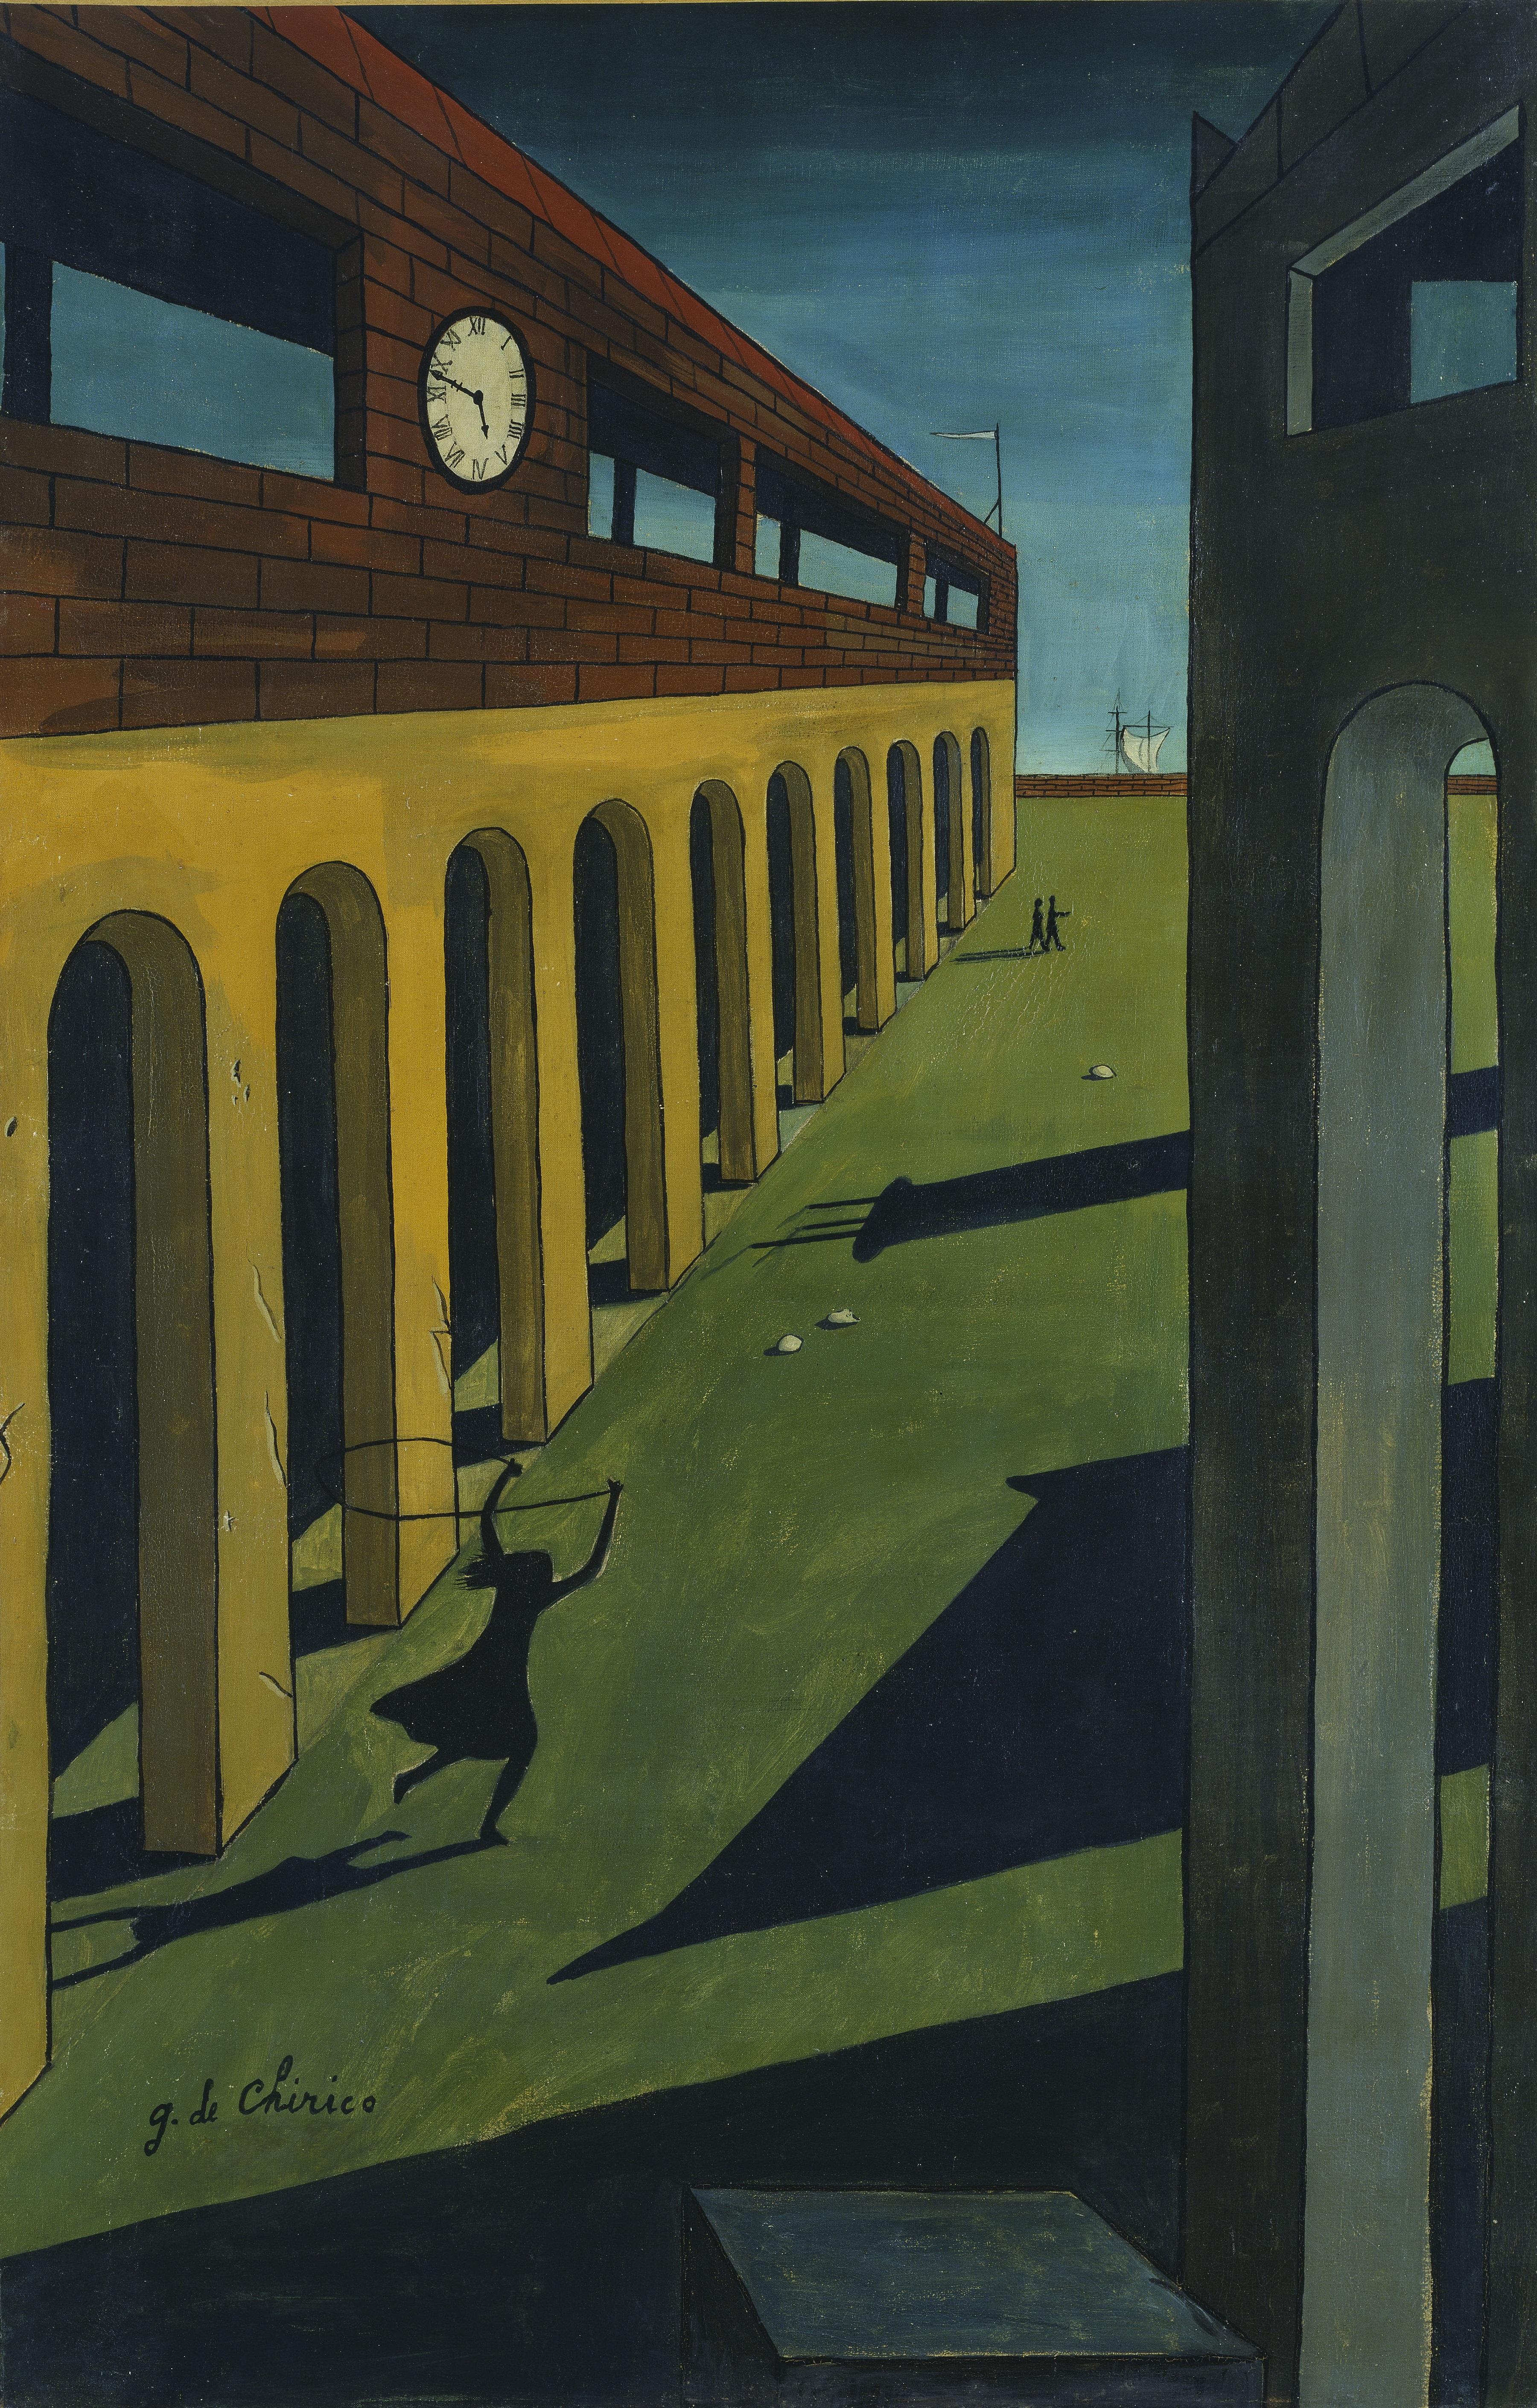 Oscar Domínguez Melancholie einer Straße (nach Giorgio de Chirico) Öl auf Leinwand, 91 x 59 cm Hamburger Kunsthalle, erworben 1957